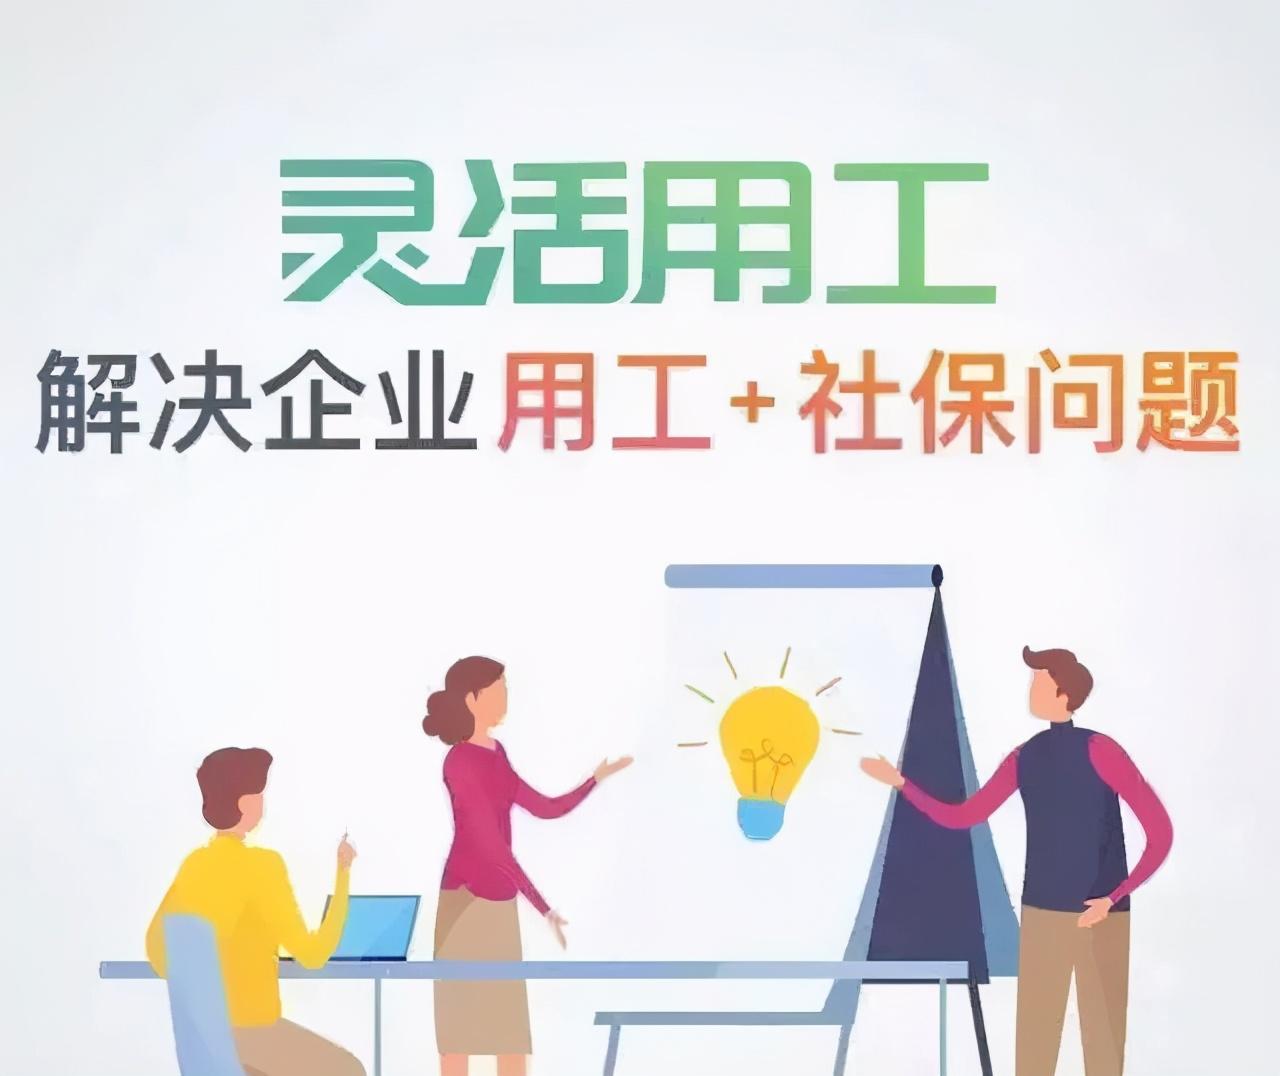 好礼知时节,春夏正发生,江都财税集团钜惠活动劲爆来袭